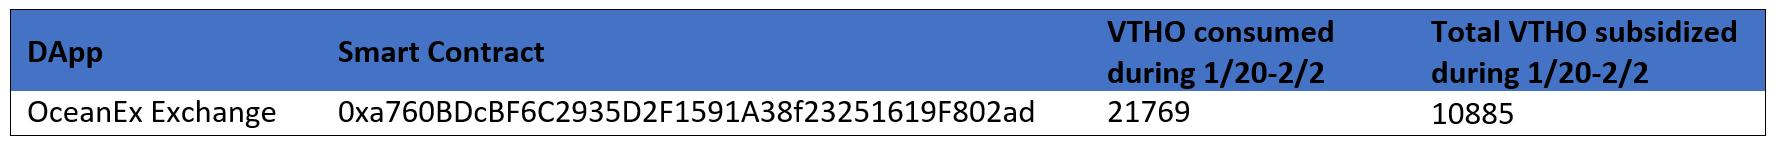 615e7155-a532-4f8a-9c5f-e244d384c0b0-image.png